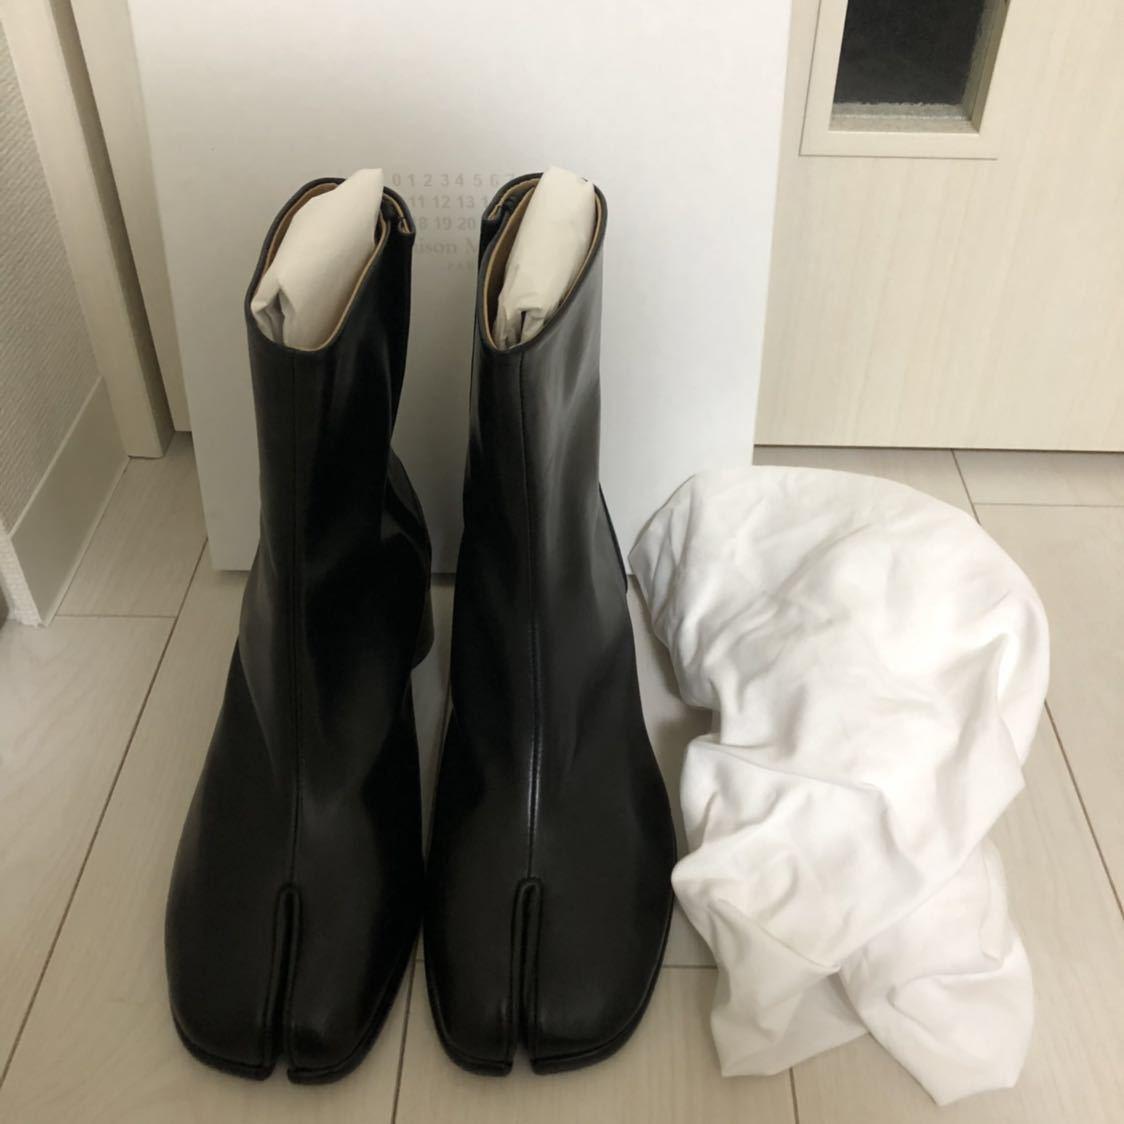 [41] 19SS 確実正規品 Maison Margiela Tabi boots メゾンマルジェラ タビブーツ 足袋ブーツ マルタンマルジェラ タビ 足袋 26㎝_画像10